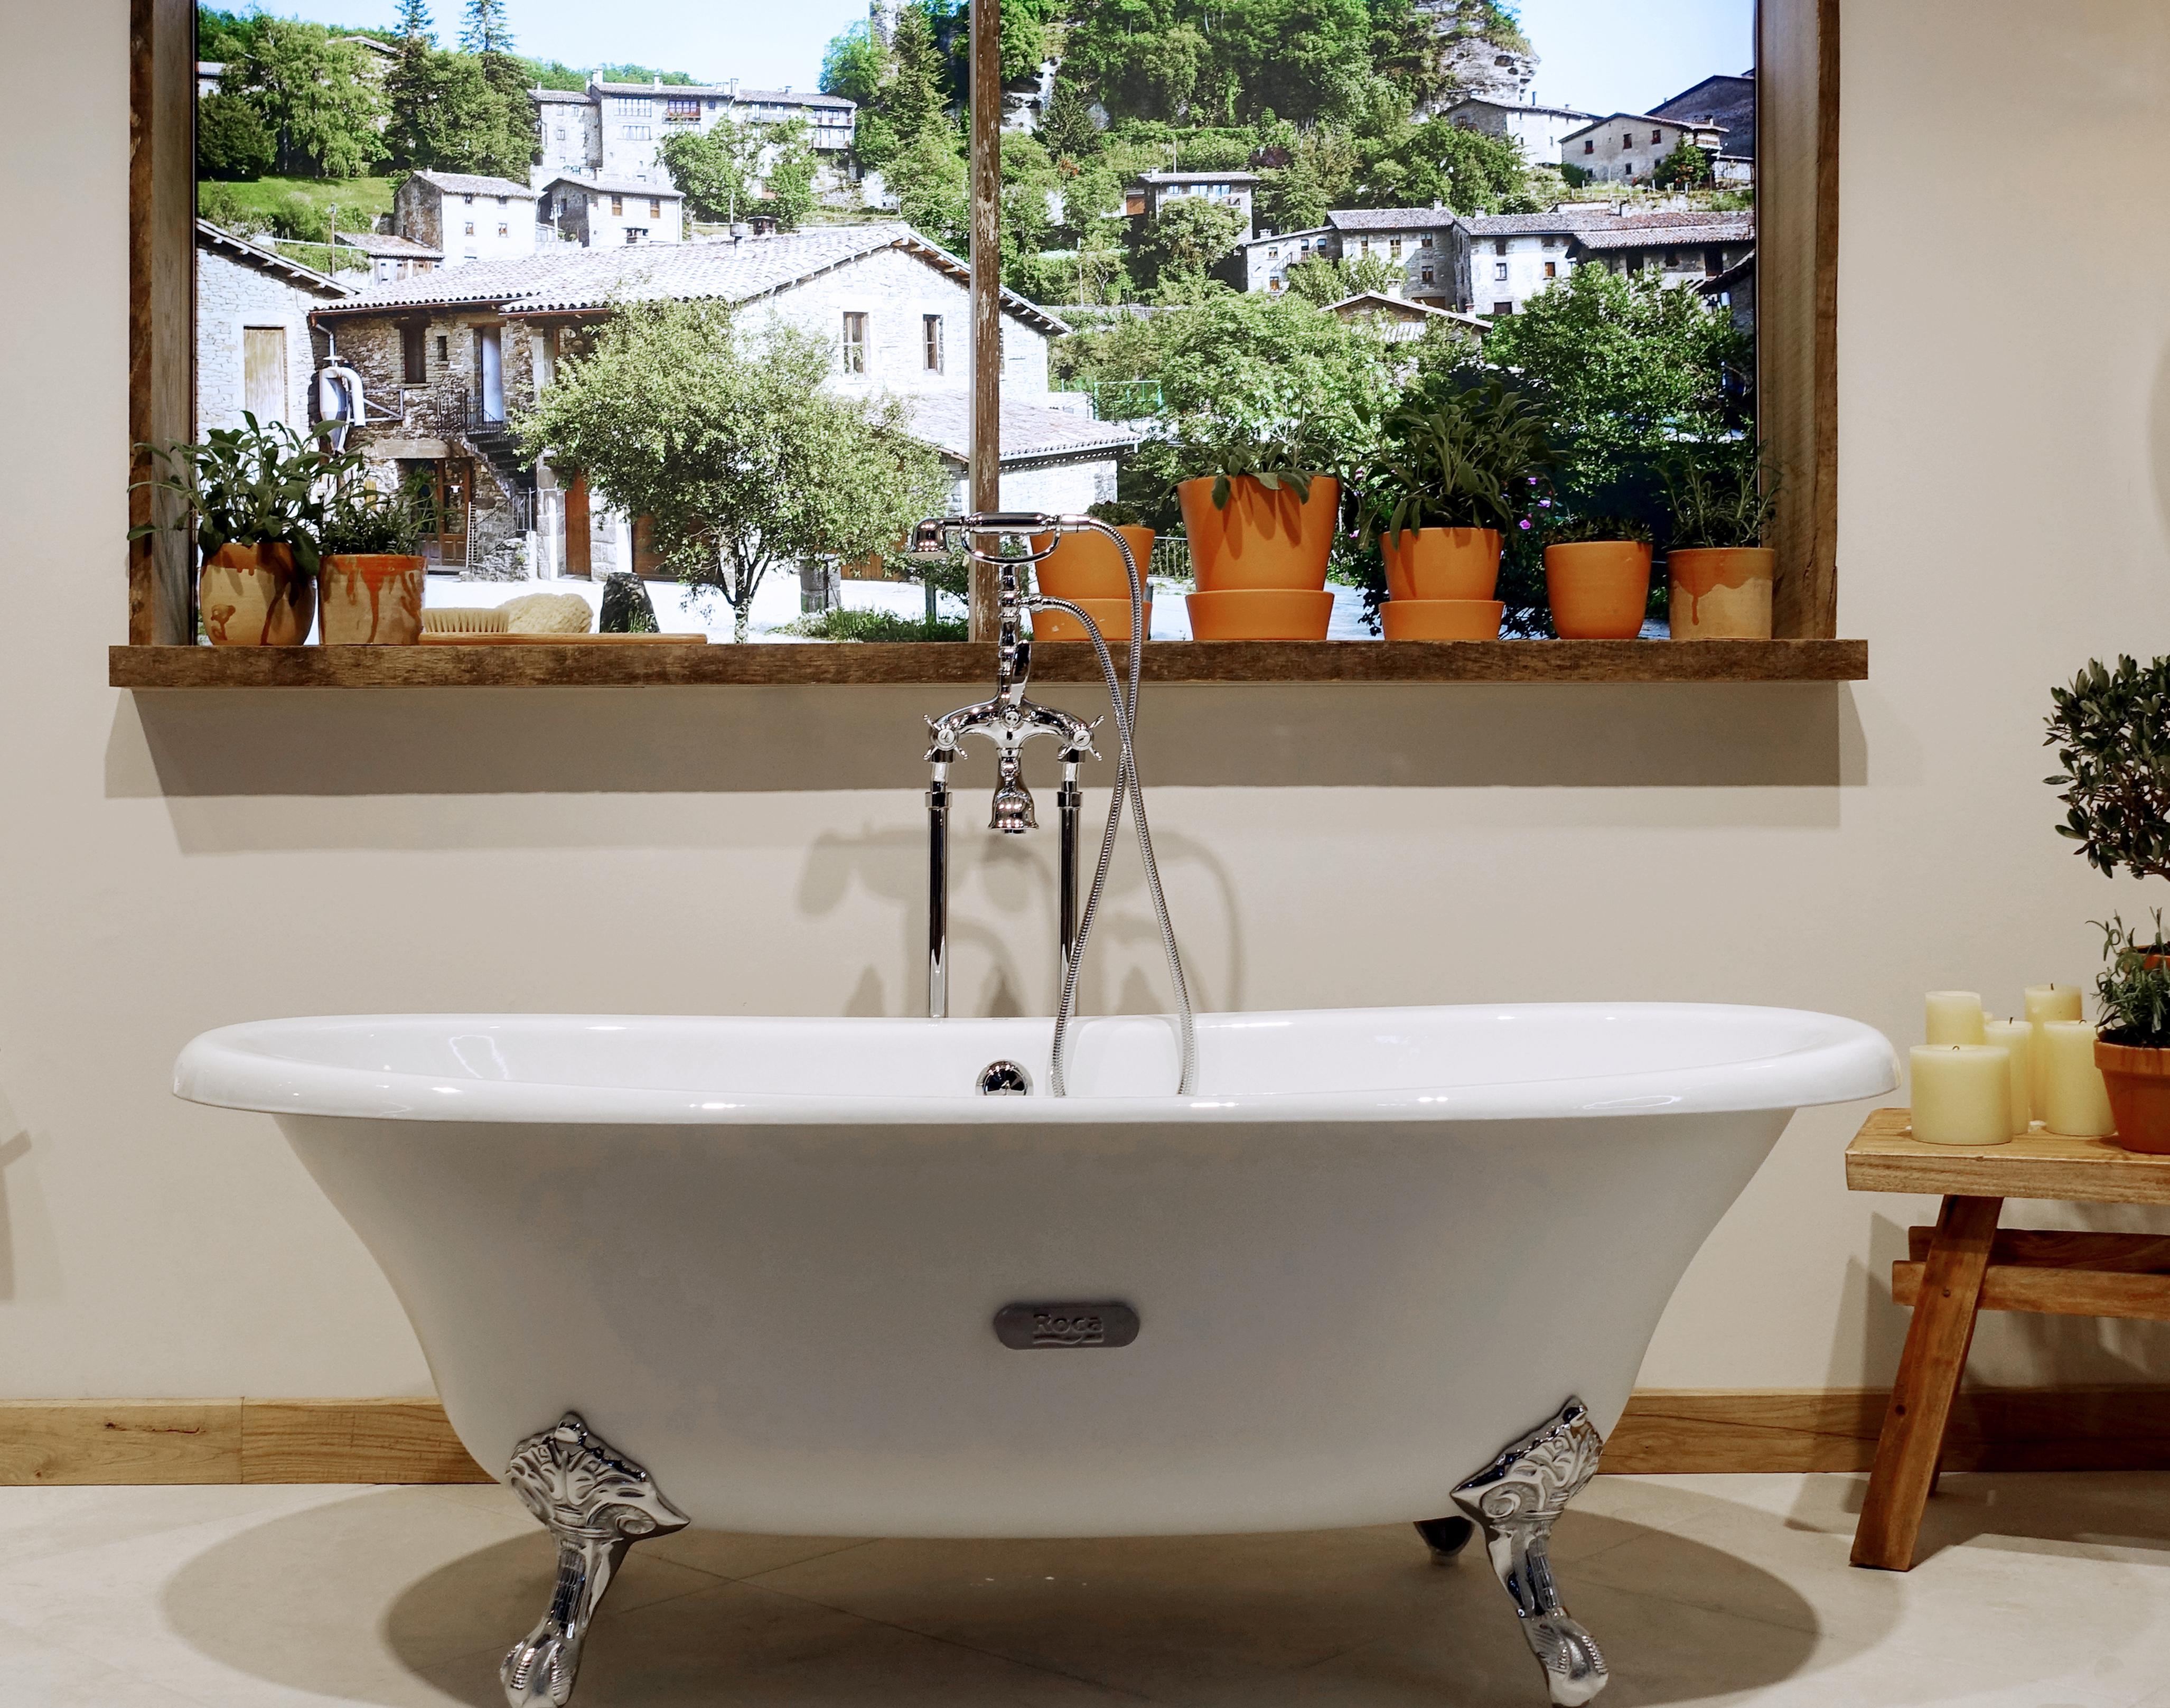 Die Badewanne kehrt als Solitär ins Bad zurück. | STYLEPARK